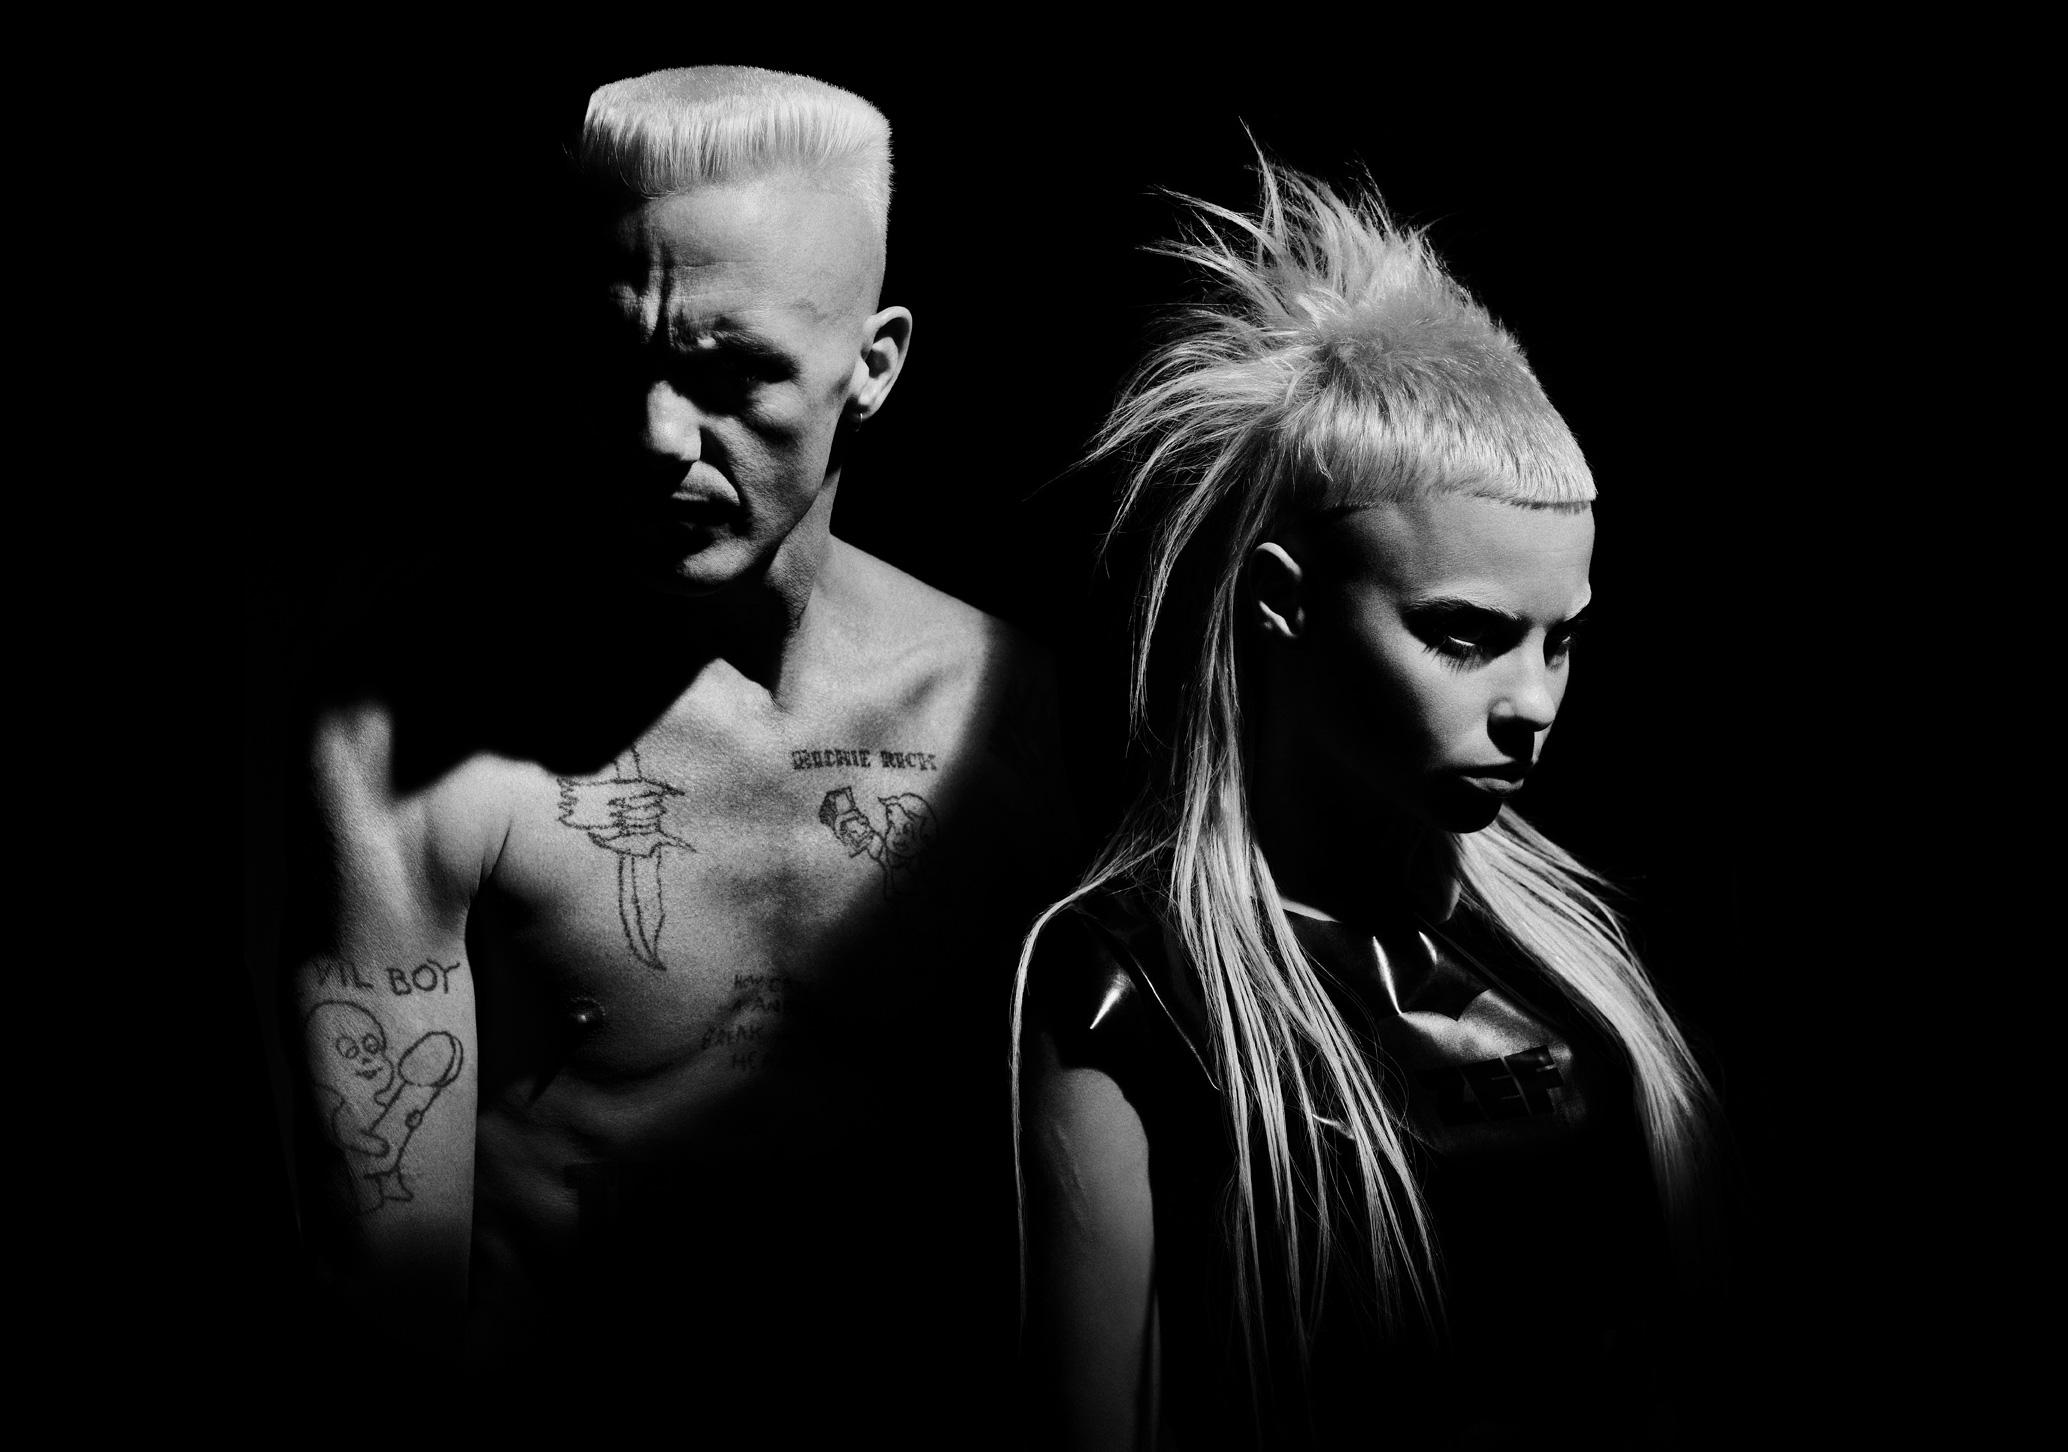 Die Antwoord украли мелодию из песни Владимира Шаинского